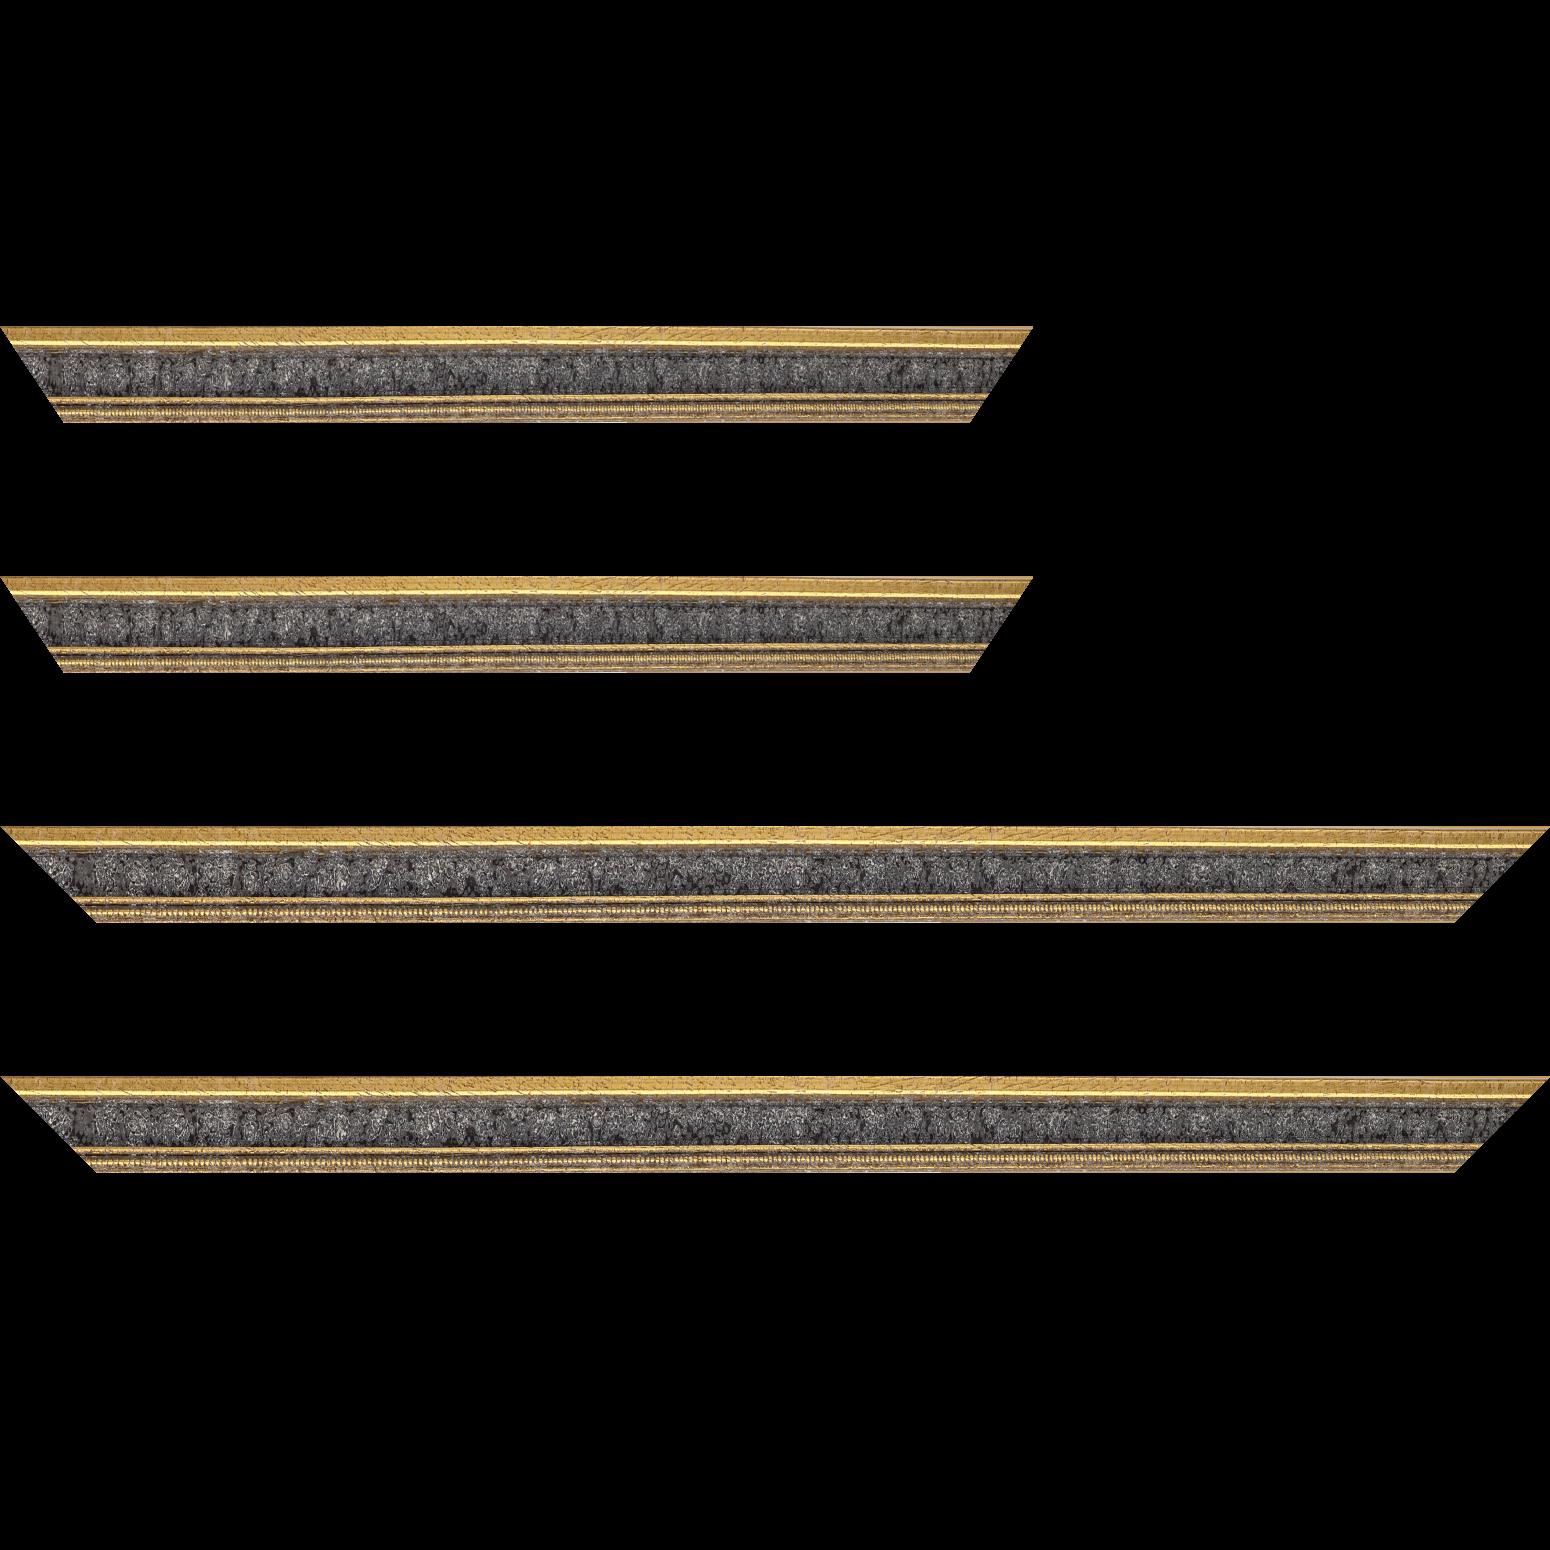 Baguette service précoupé Bois profil incuvé largeur 2.4cm  or antique gorge gris vieilli filet perle or